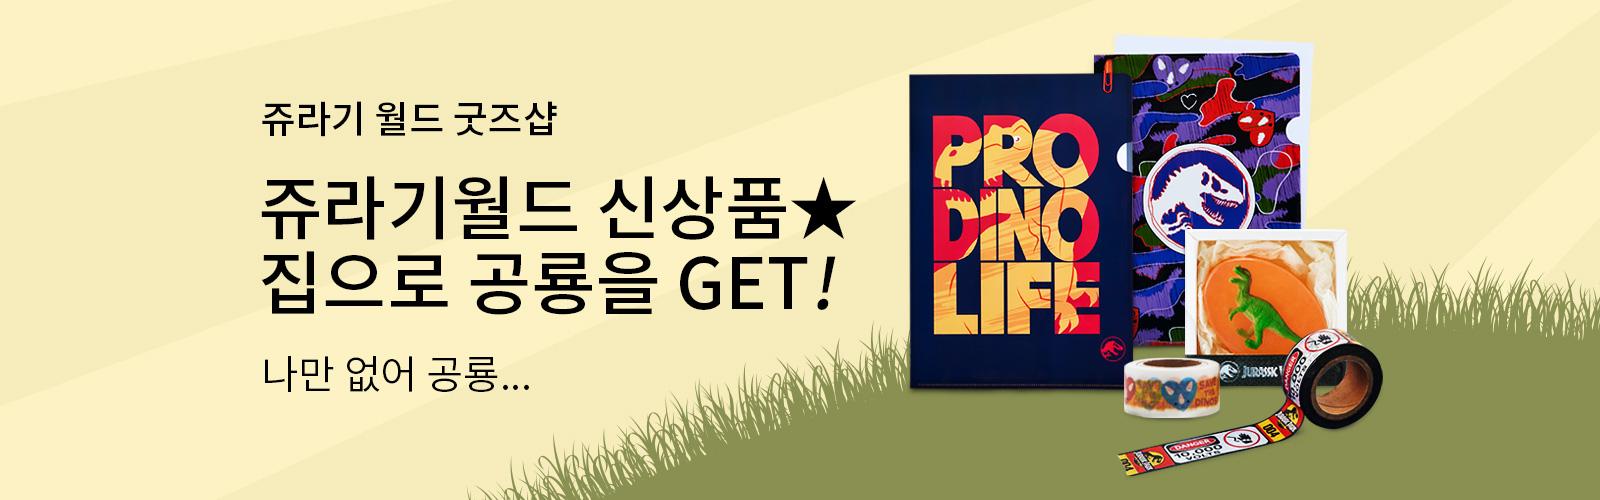 쥬라기 월드 굿즈샵 쥬라기월드 신상품 집으로 공룡을 GET 나만 없어 공룡